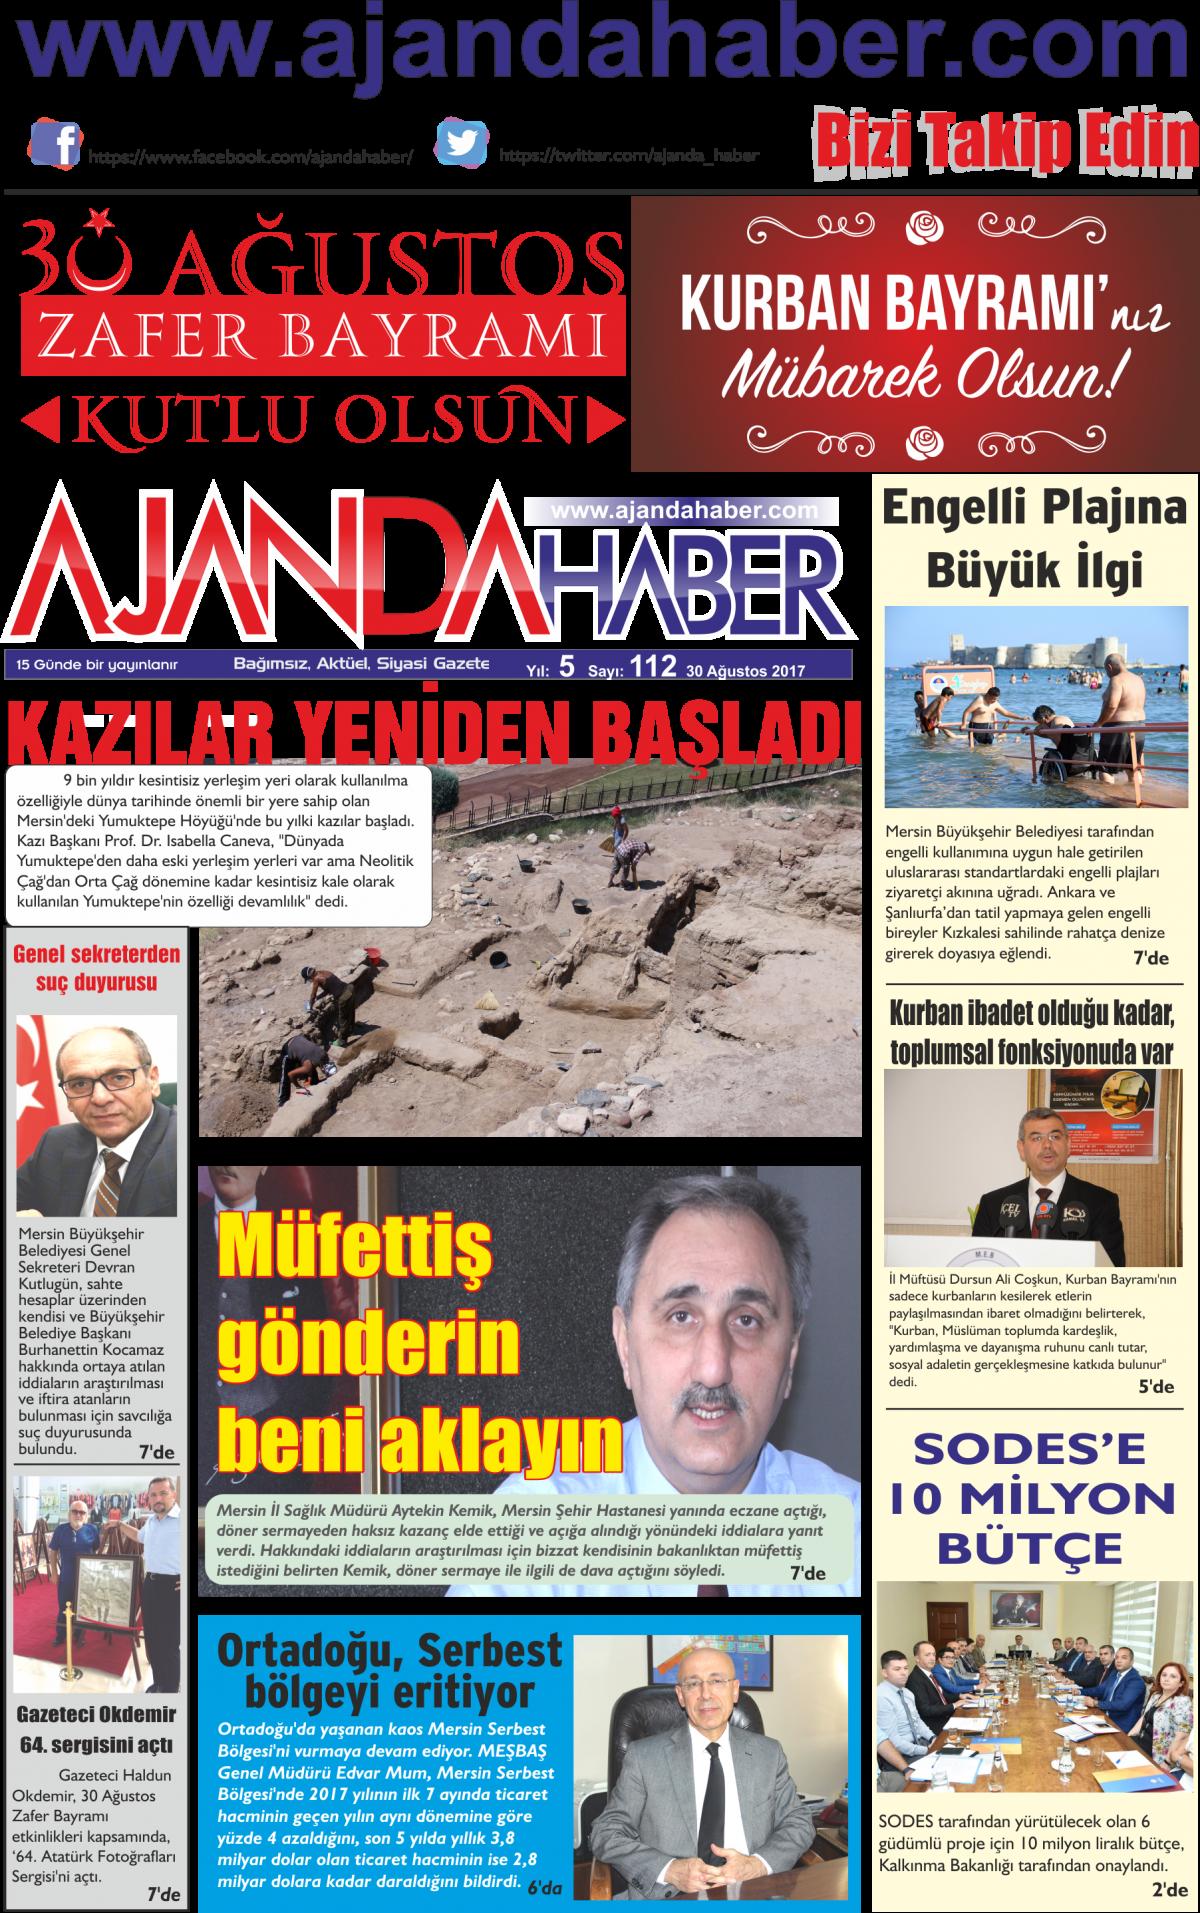 Ajanda haber mersin haberleri, mersin sondakika, ajandahaber, doğru haberin adresi - 04 Eylül 2017 Manşeti